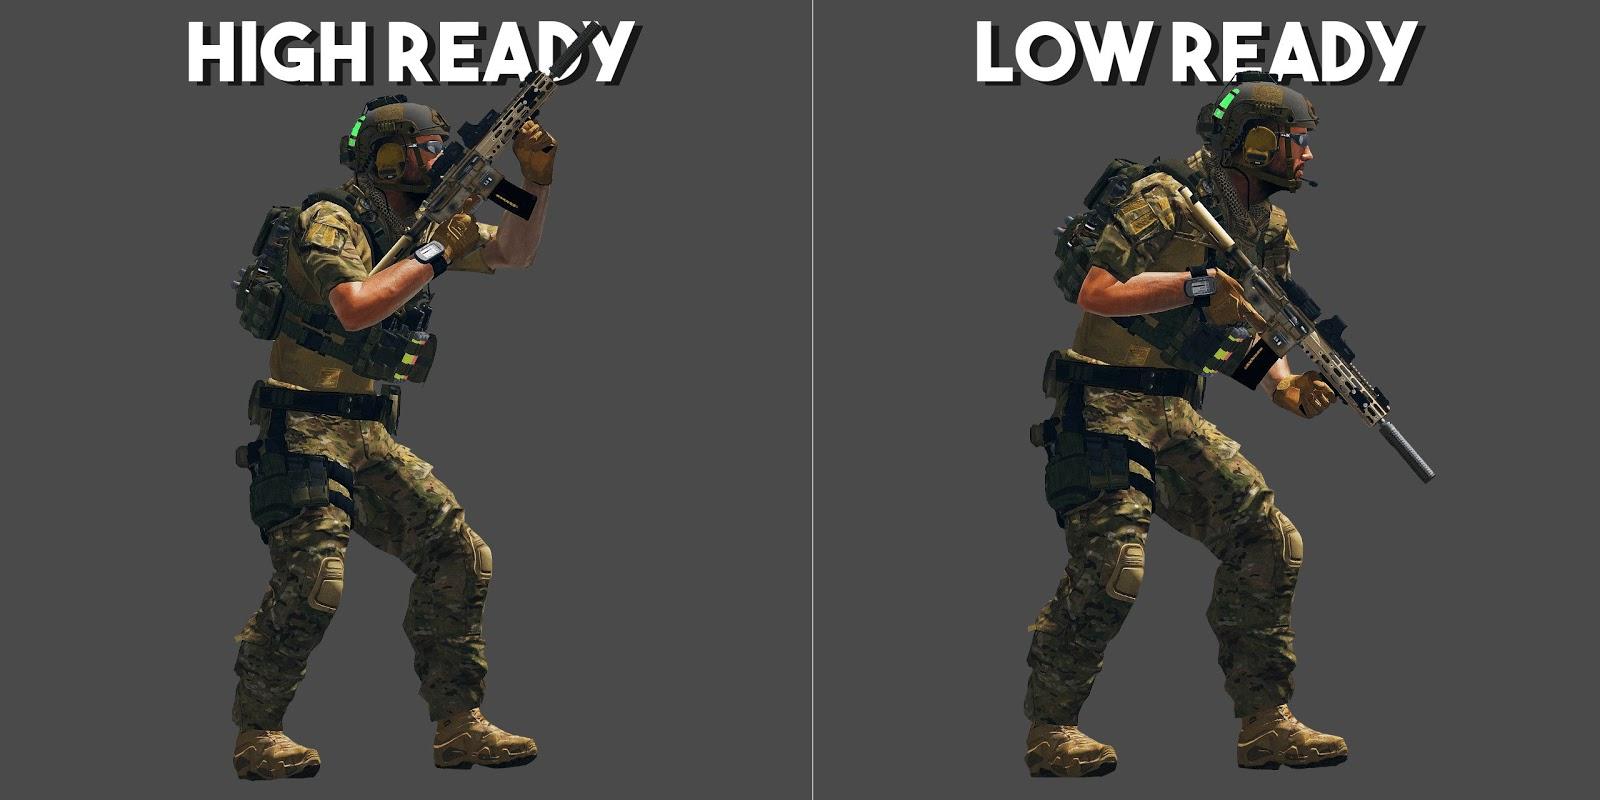 arma3_tactical_postion_ready_mod1.jpg